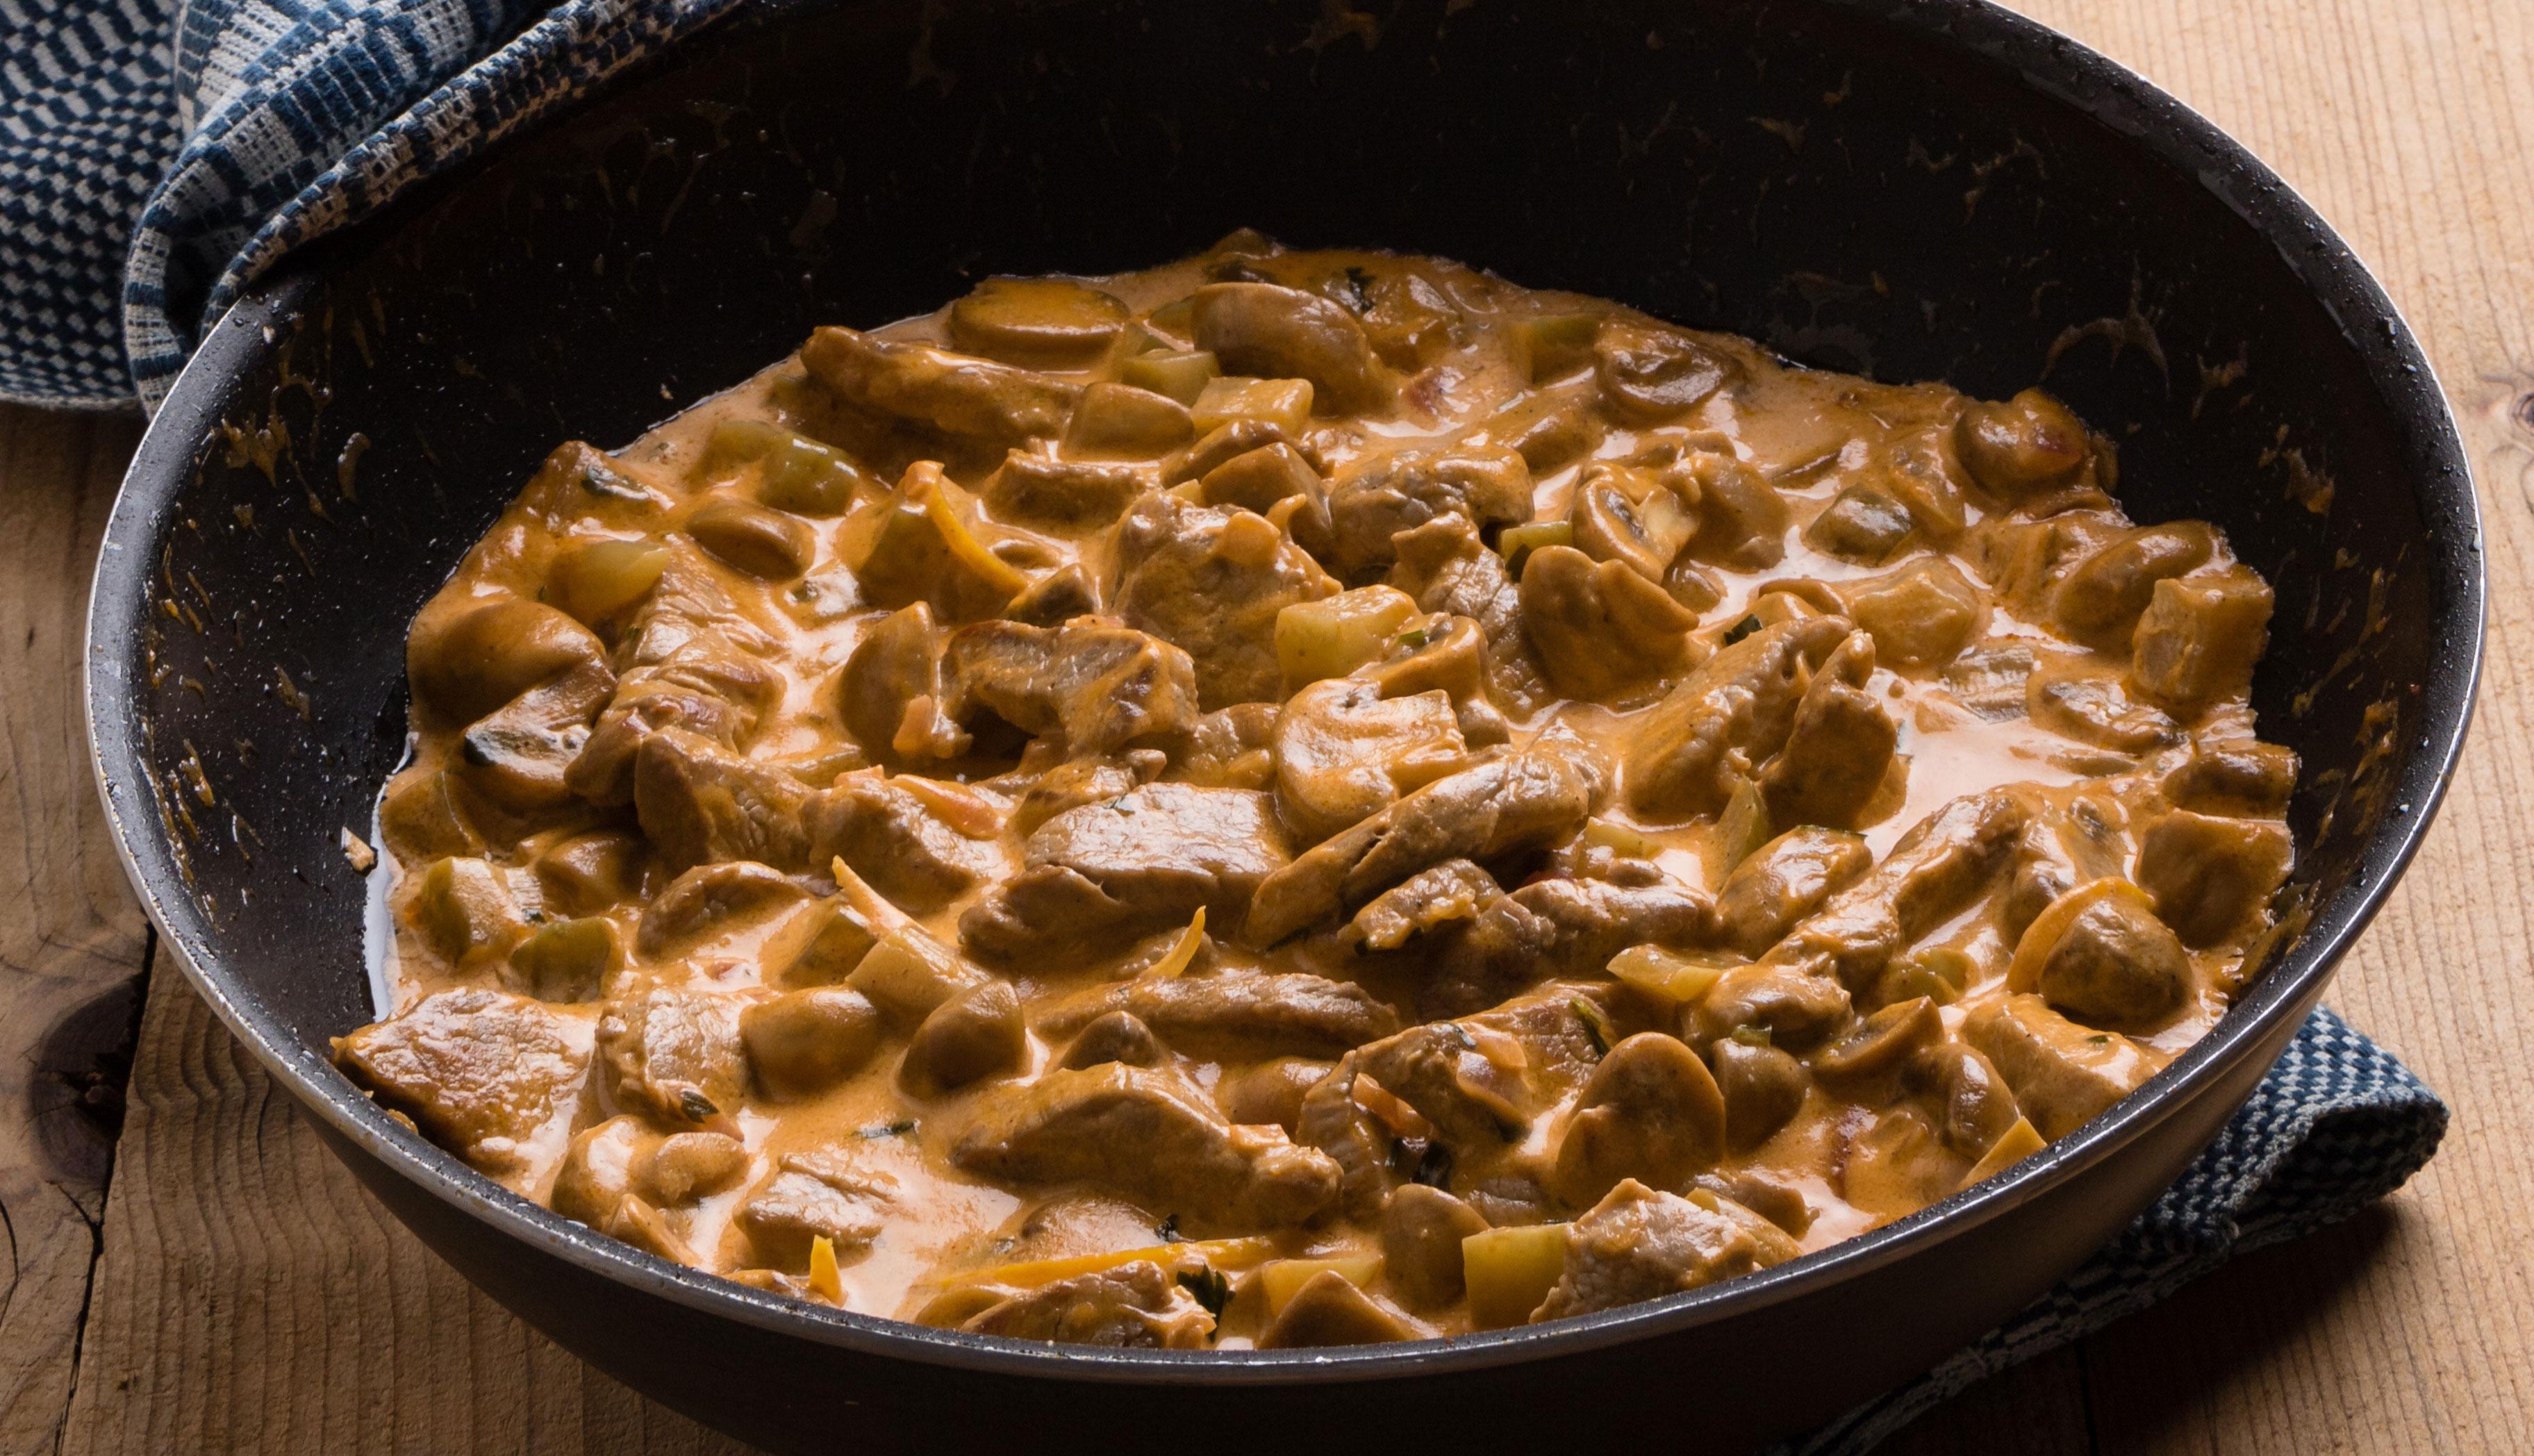 Estofado de coliflor y carne de res